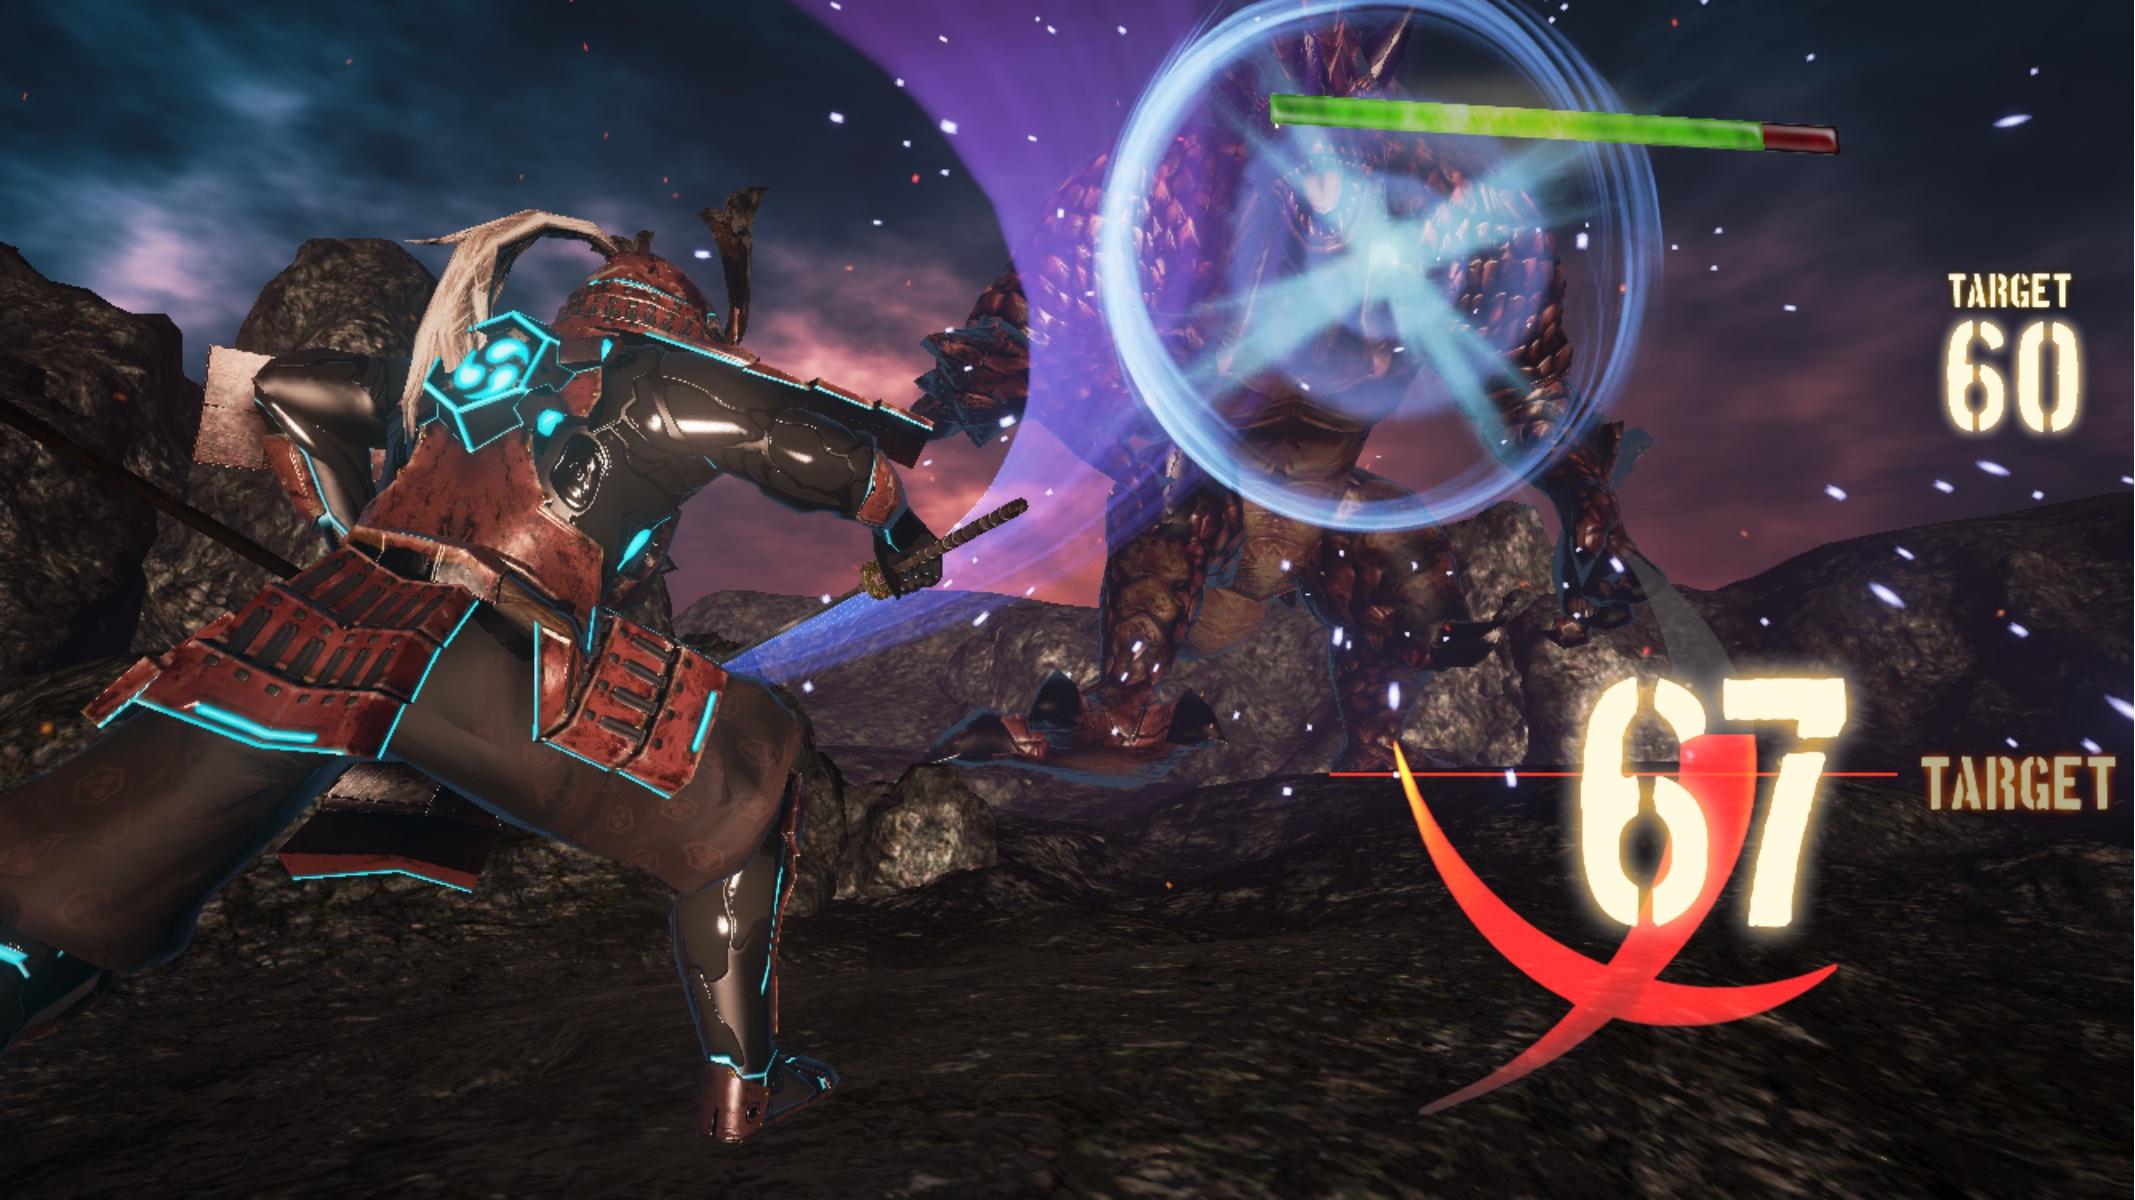 ATTACK ON KAIJU 2 - 進撃の巨獣2 androidアプリスクリーンショット1